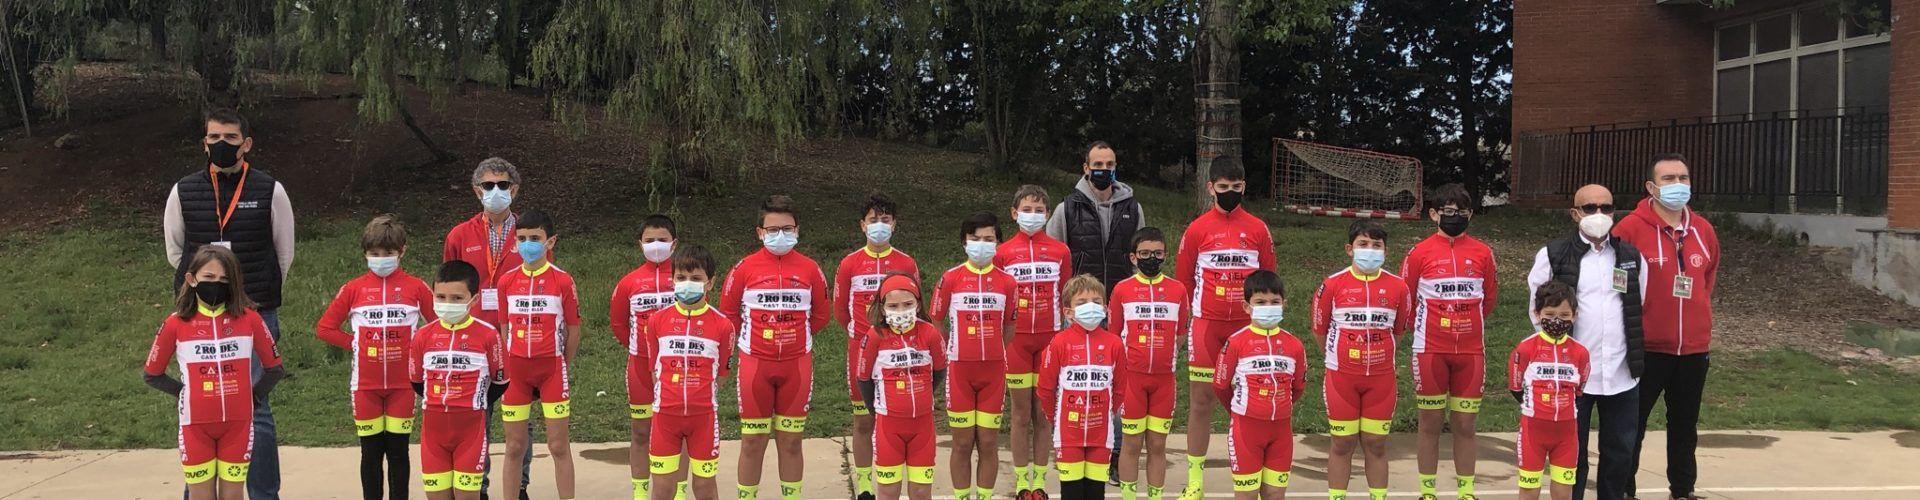 140 joves ciclistes es donen cita a la Reunió de les Escoles de Ciclisme de Santa Magdalena